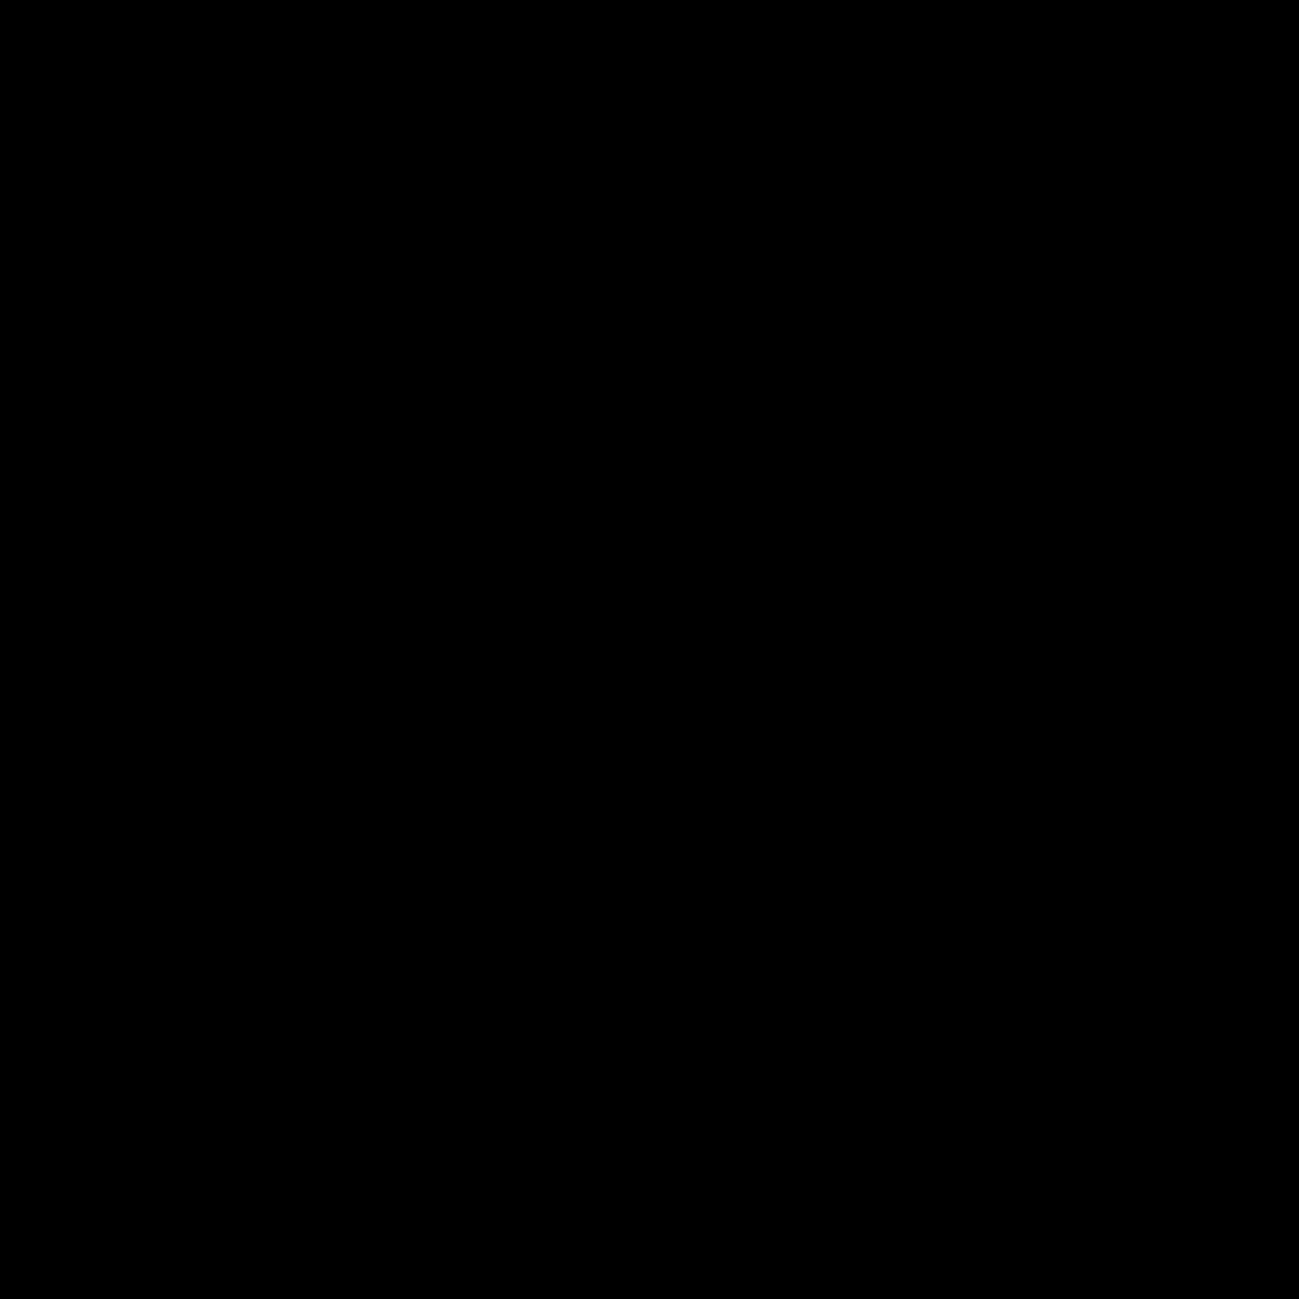 ハンガーラック